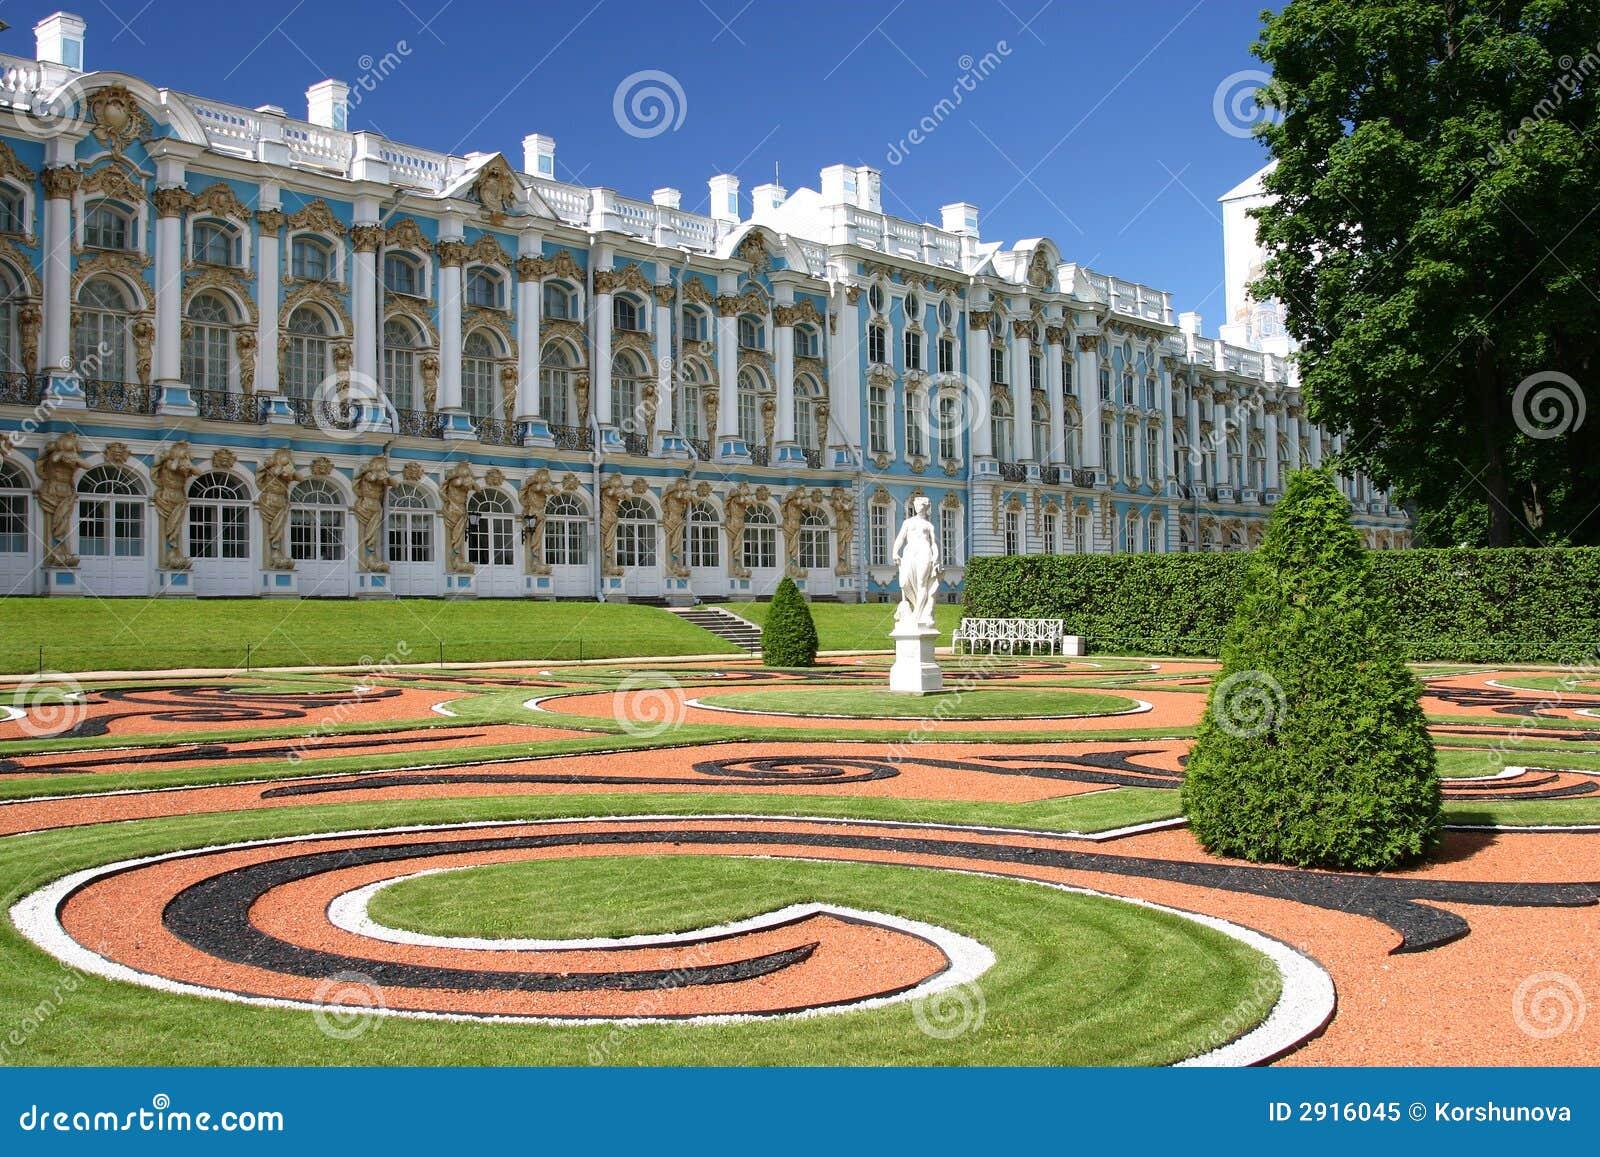 Catherine Palace, St. Petersbu